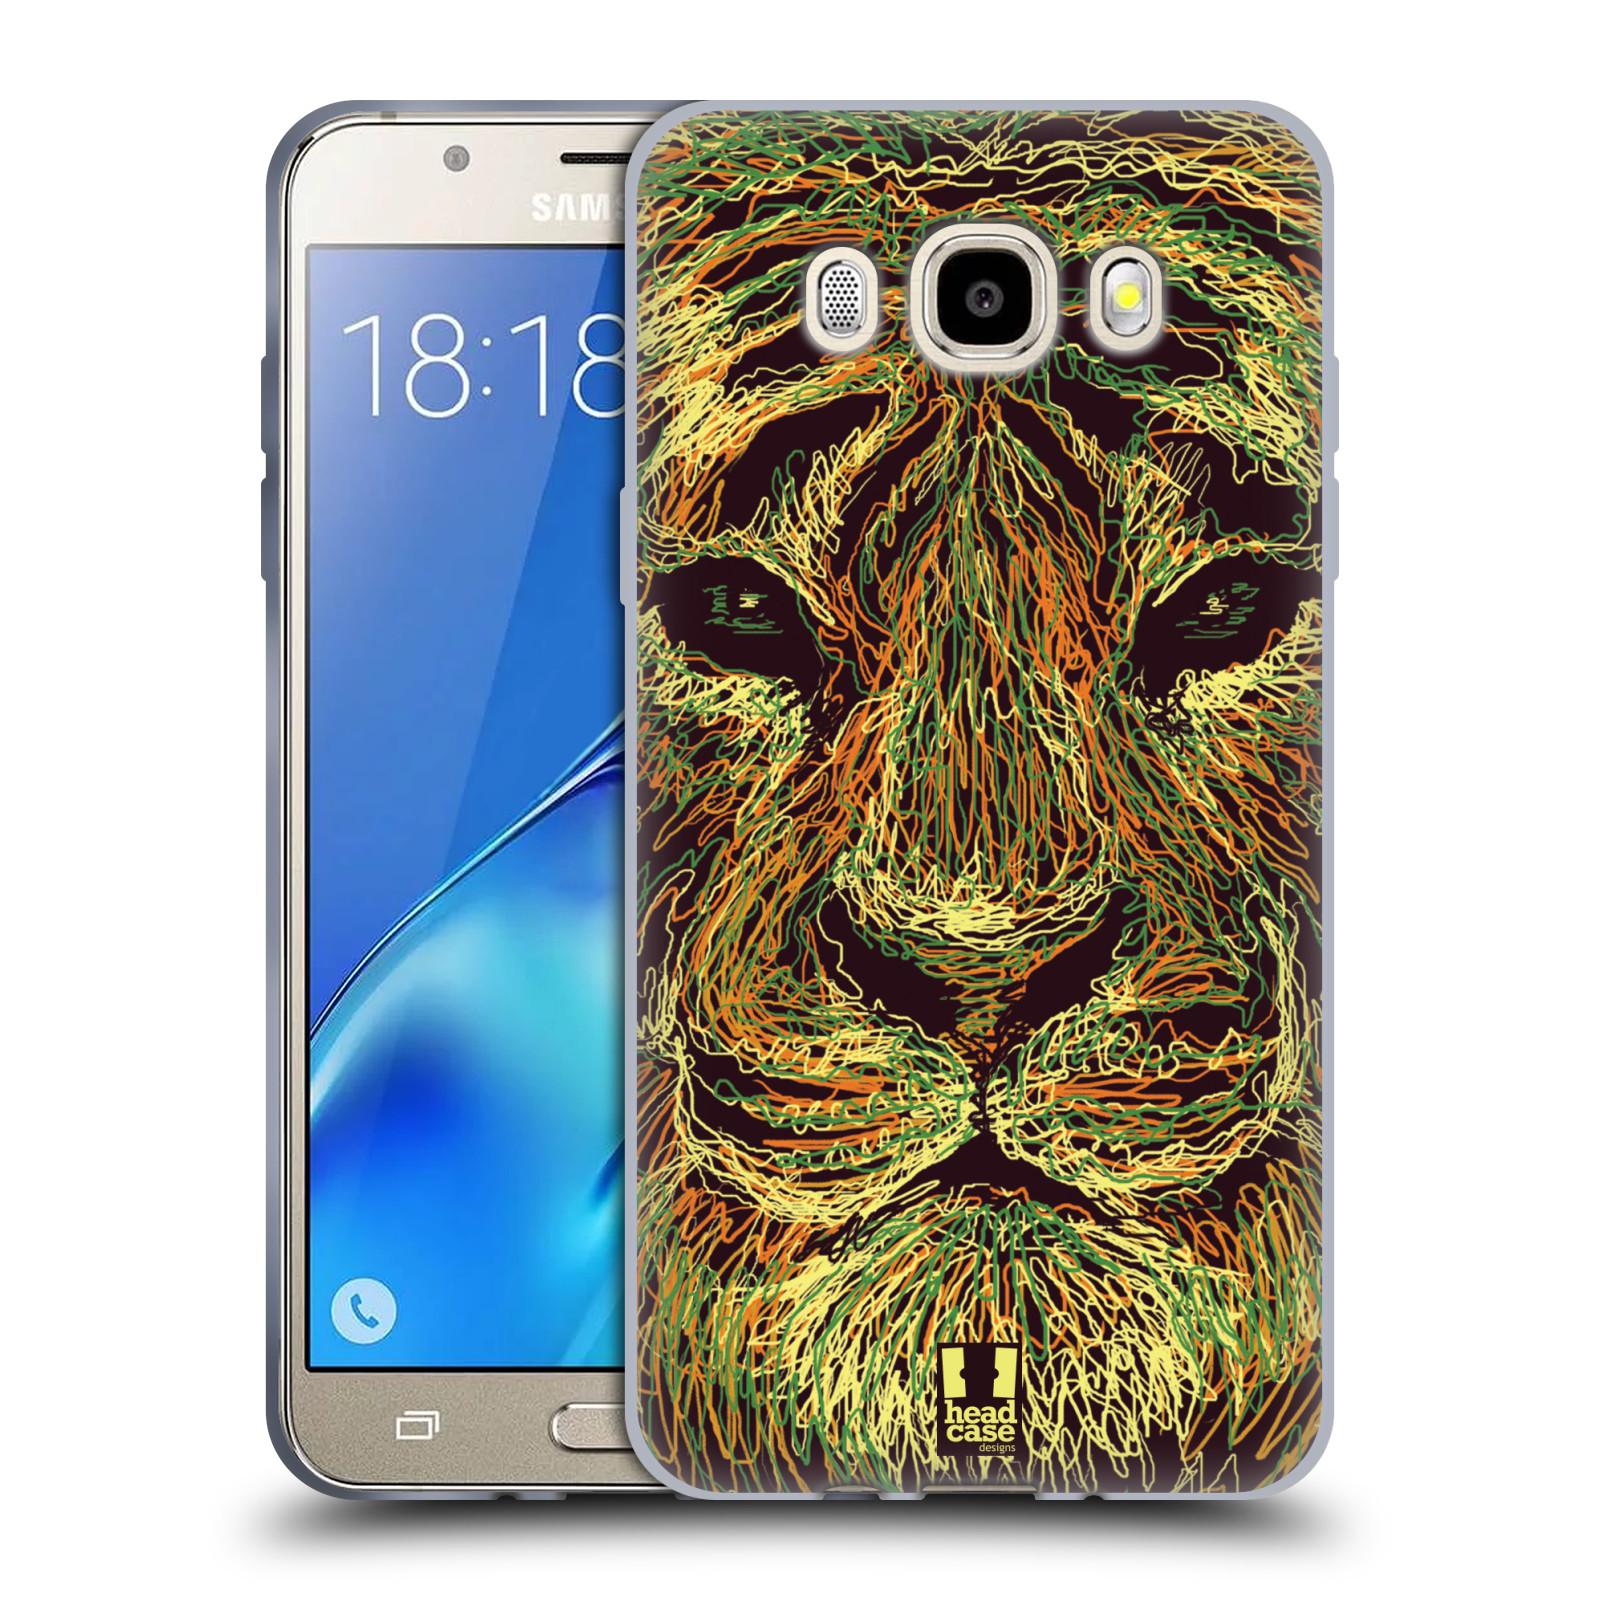 HEAD CASE silikonový obal, kryt na mobil Samsung Galaxy J5 2016, J510, J510F, (J510F DUAL SIM) vzor zvíře čmáranice tygr